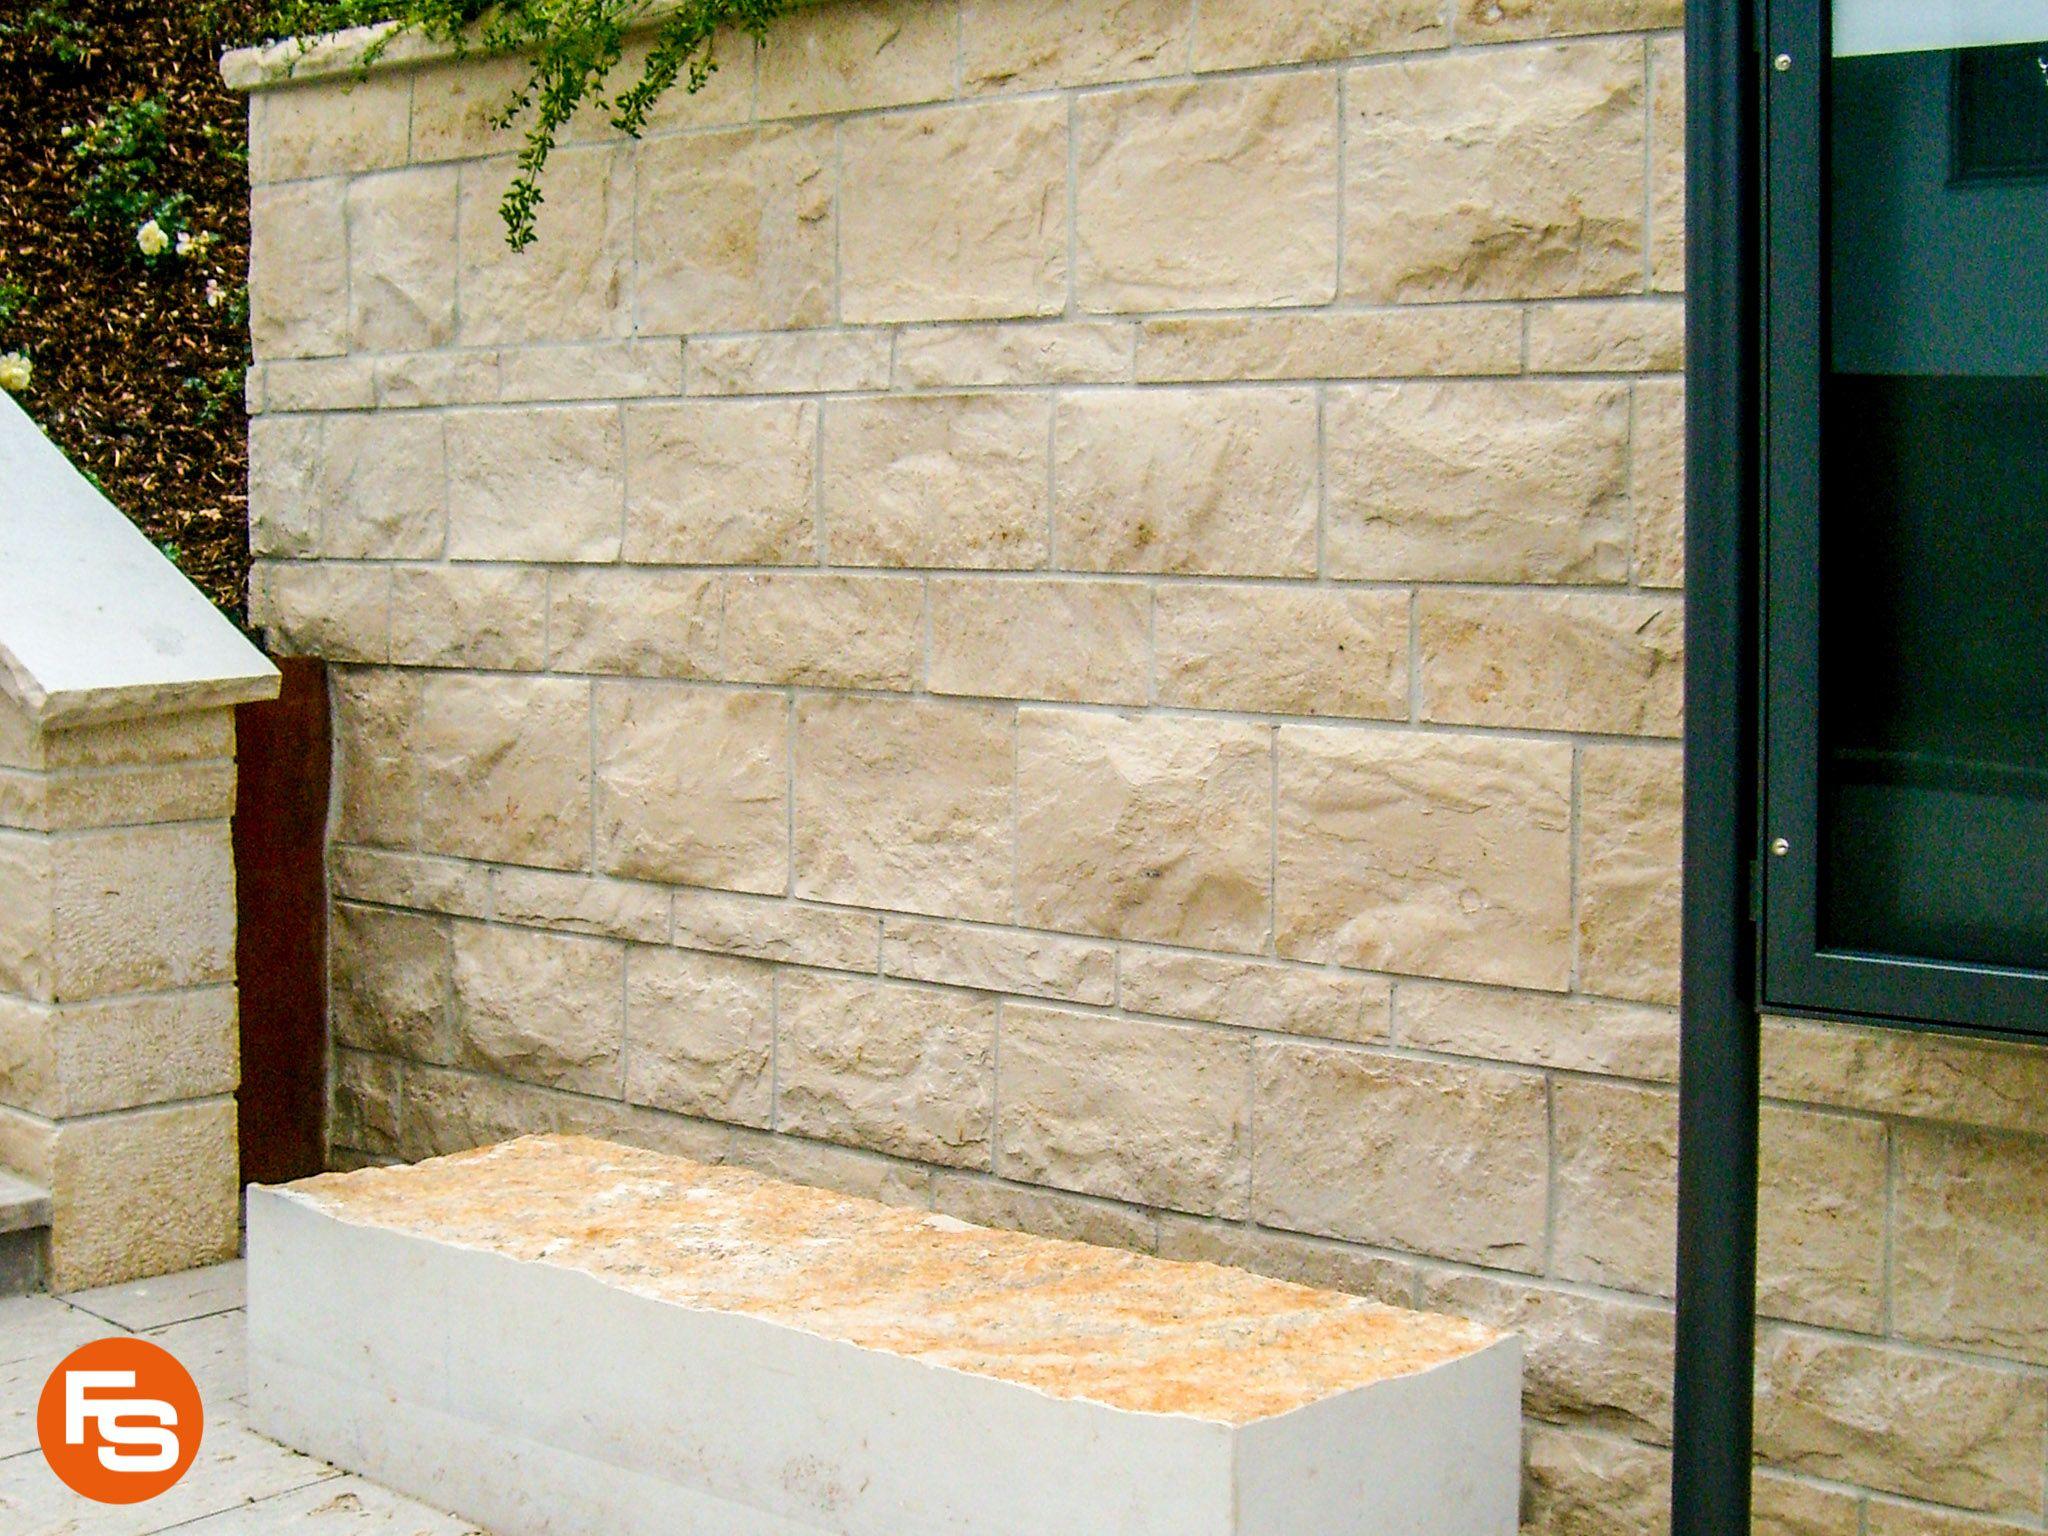 Dietfurter Kalkstein spaltquader in dietfurter kalkstein gala unsere produkte